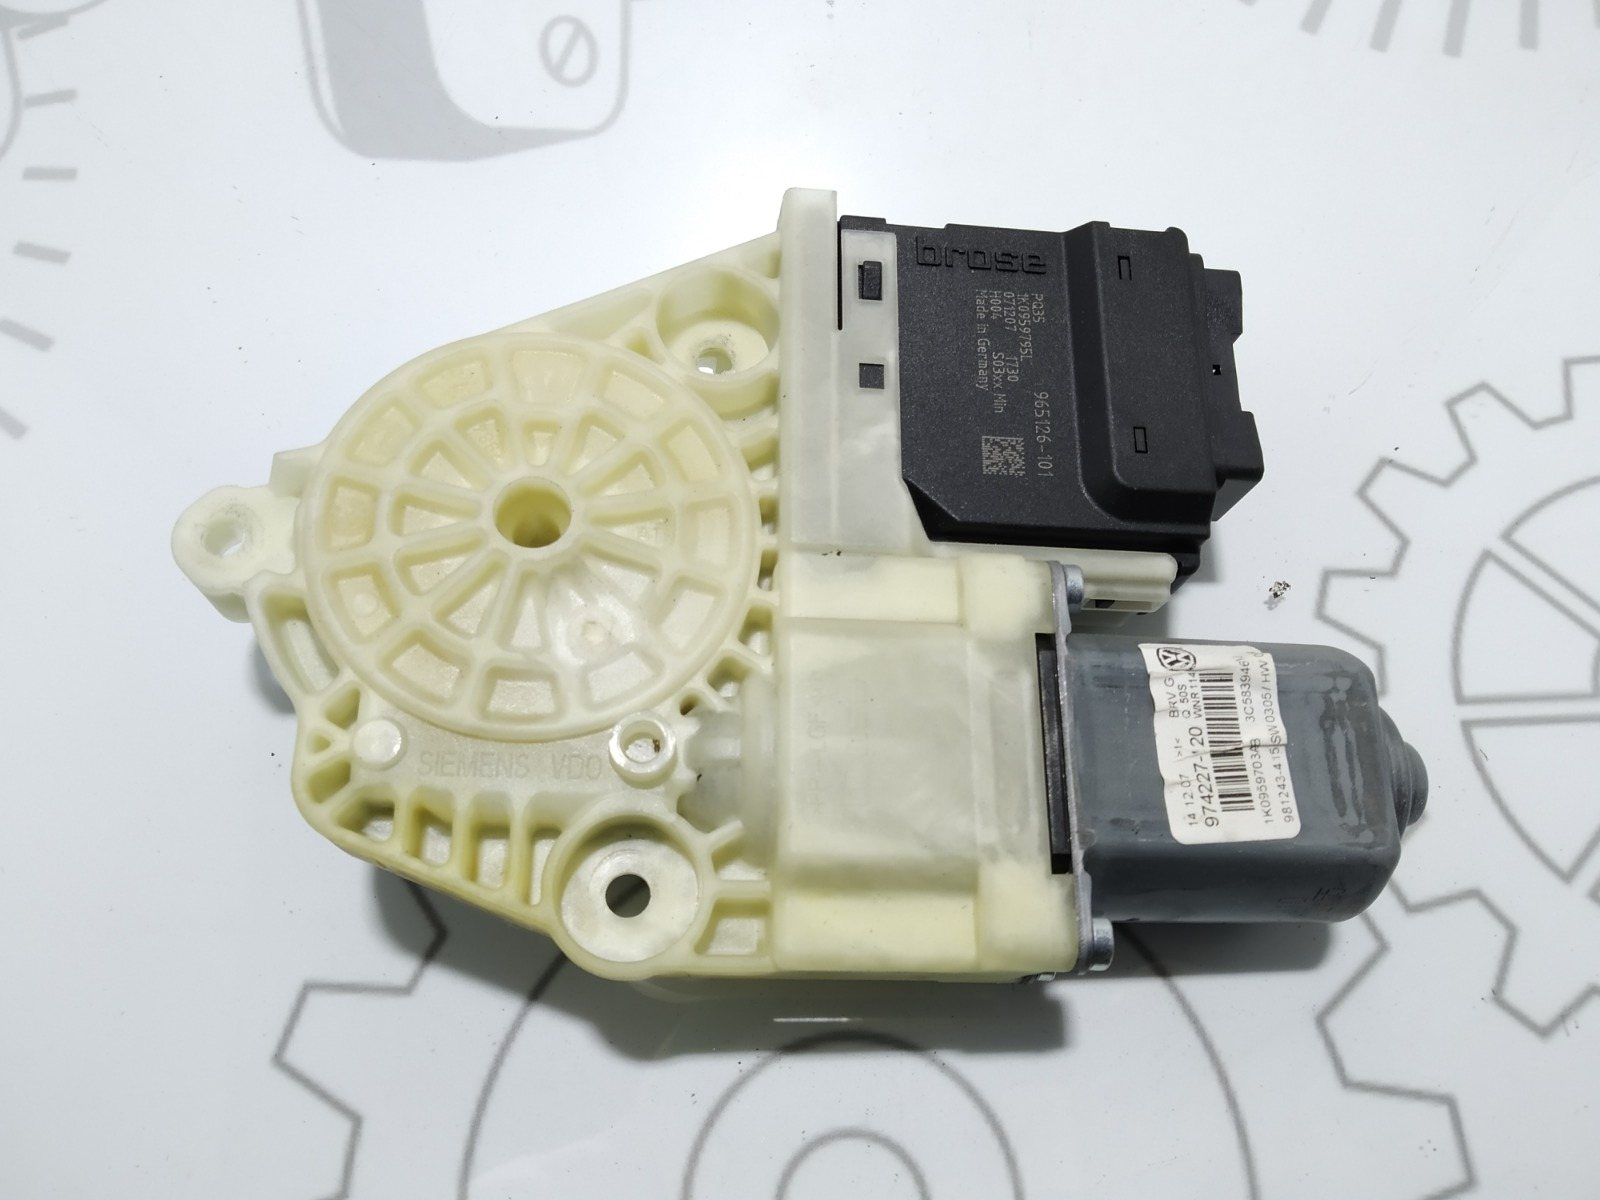 Моторчик стеклоподъемника задний левый Volkswagen Passat B6 1.9 TDI 2007 (б/у)